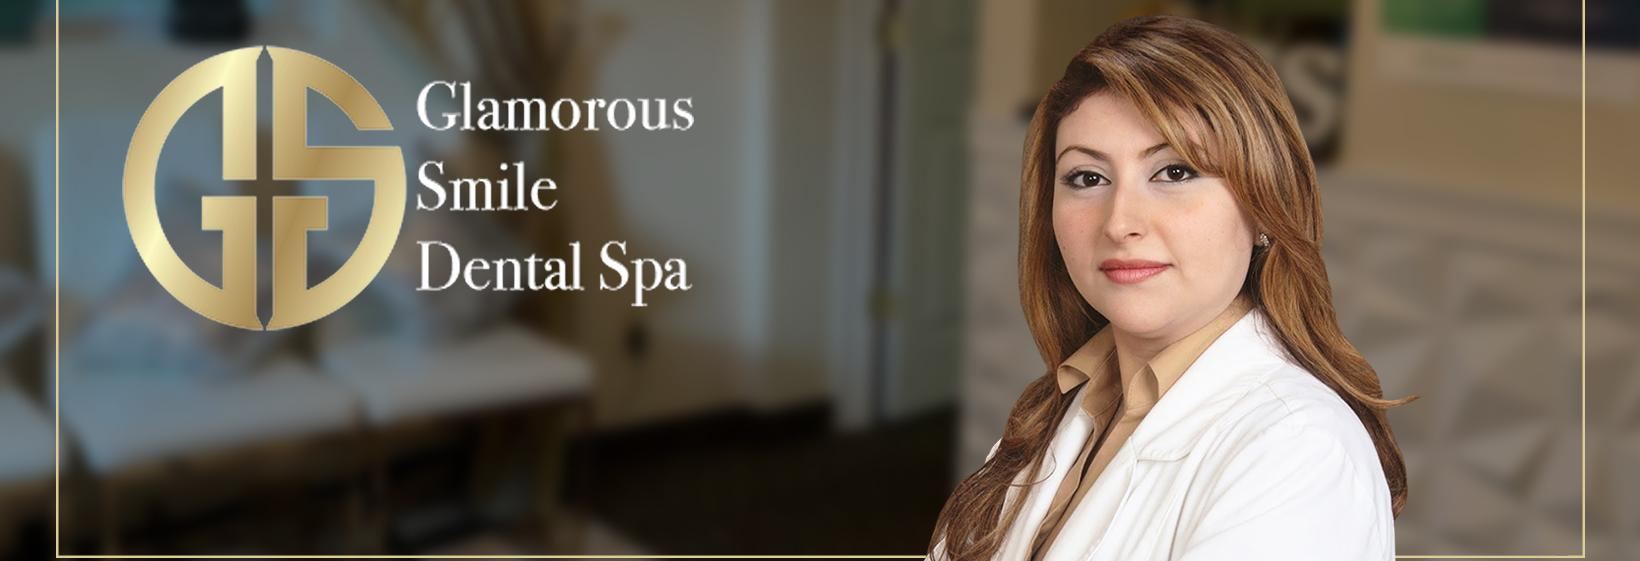 Glamorous Smile Dental Spa banner